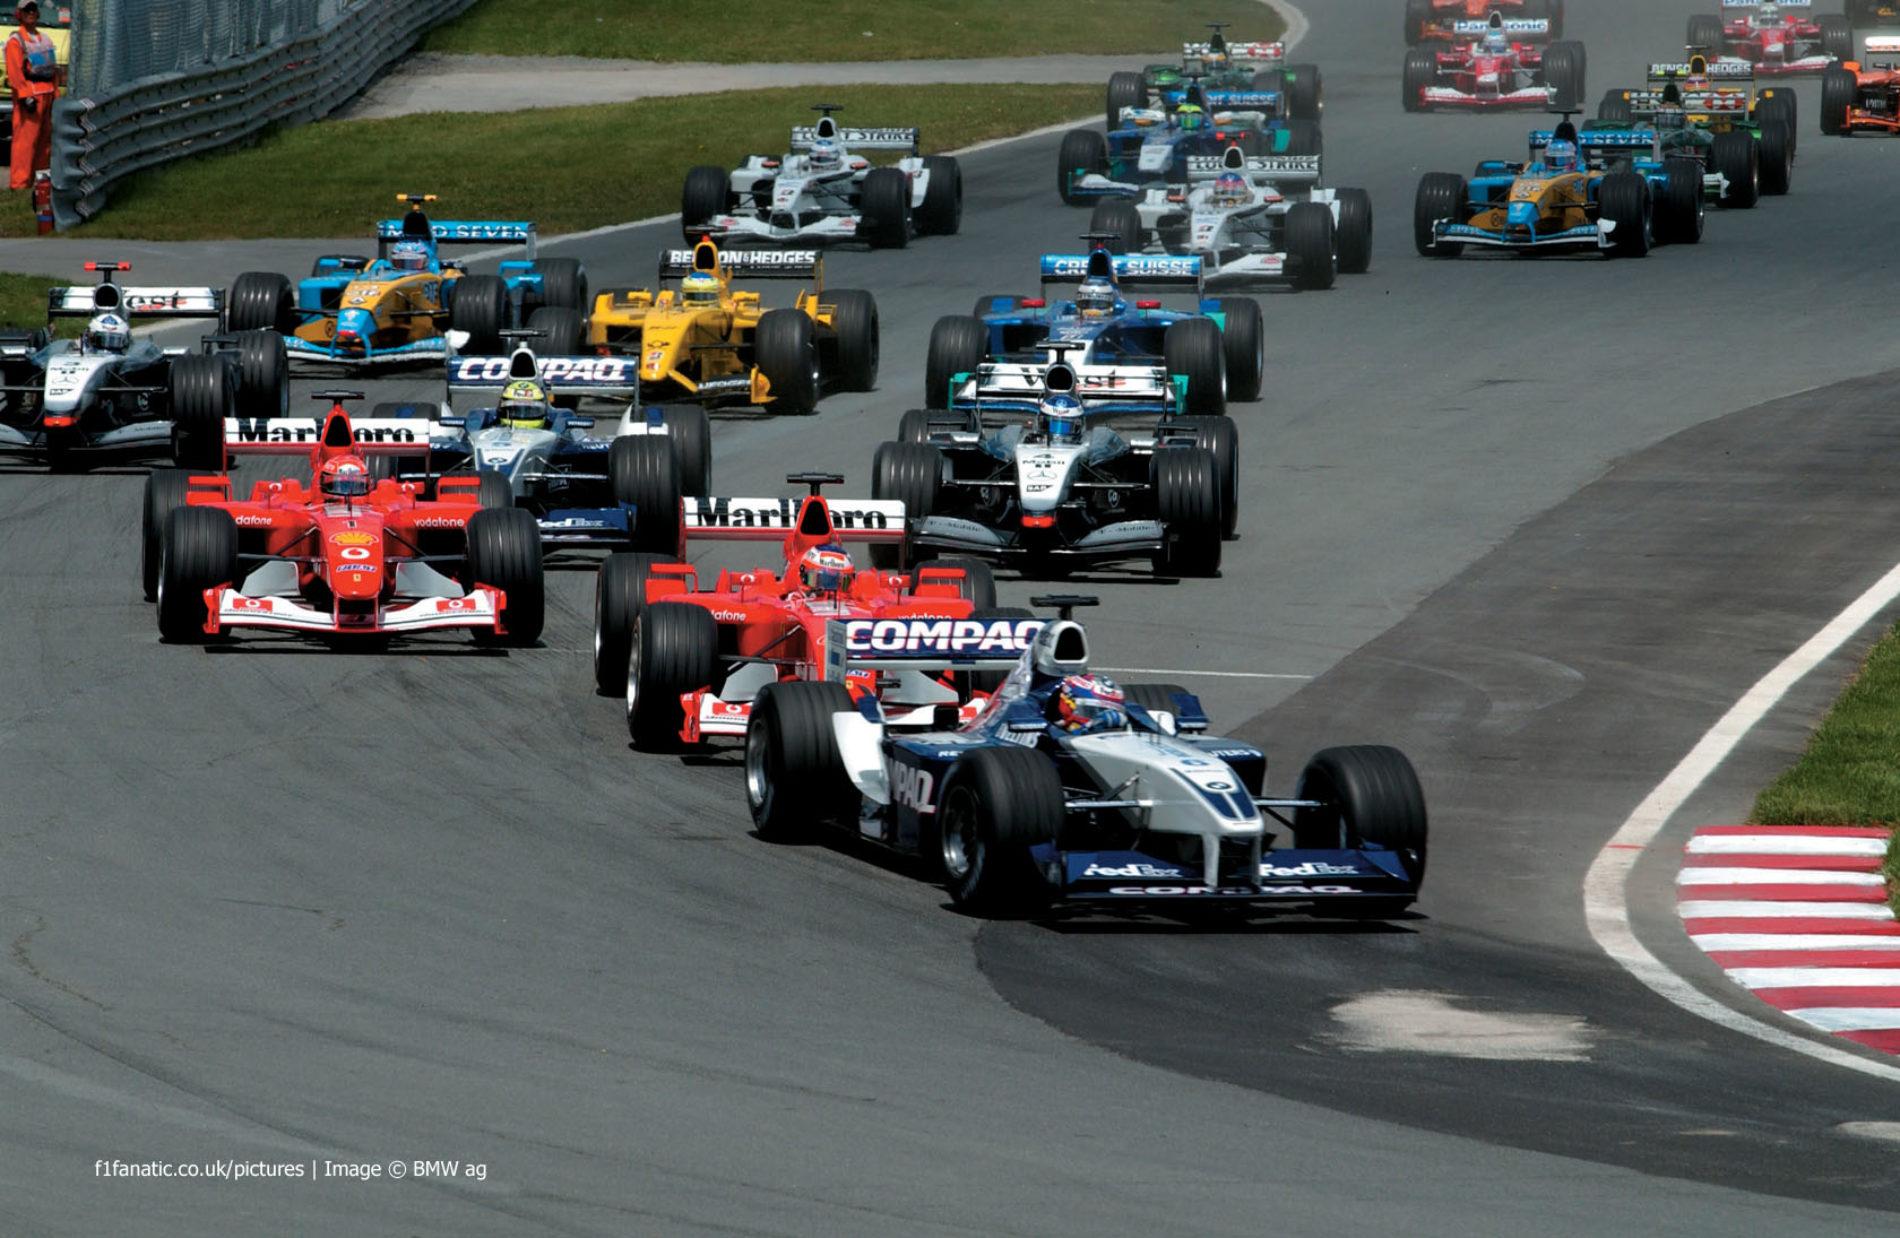 previo |Montreal| Segunda prueba del campeonato en tierras americanas